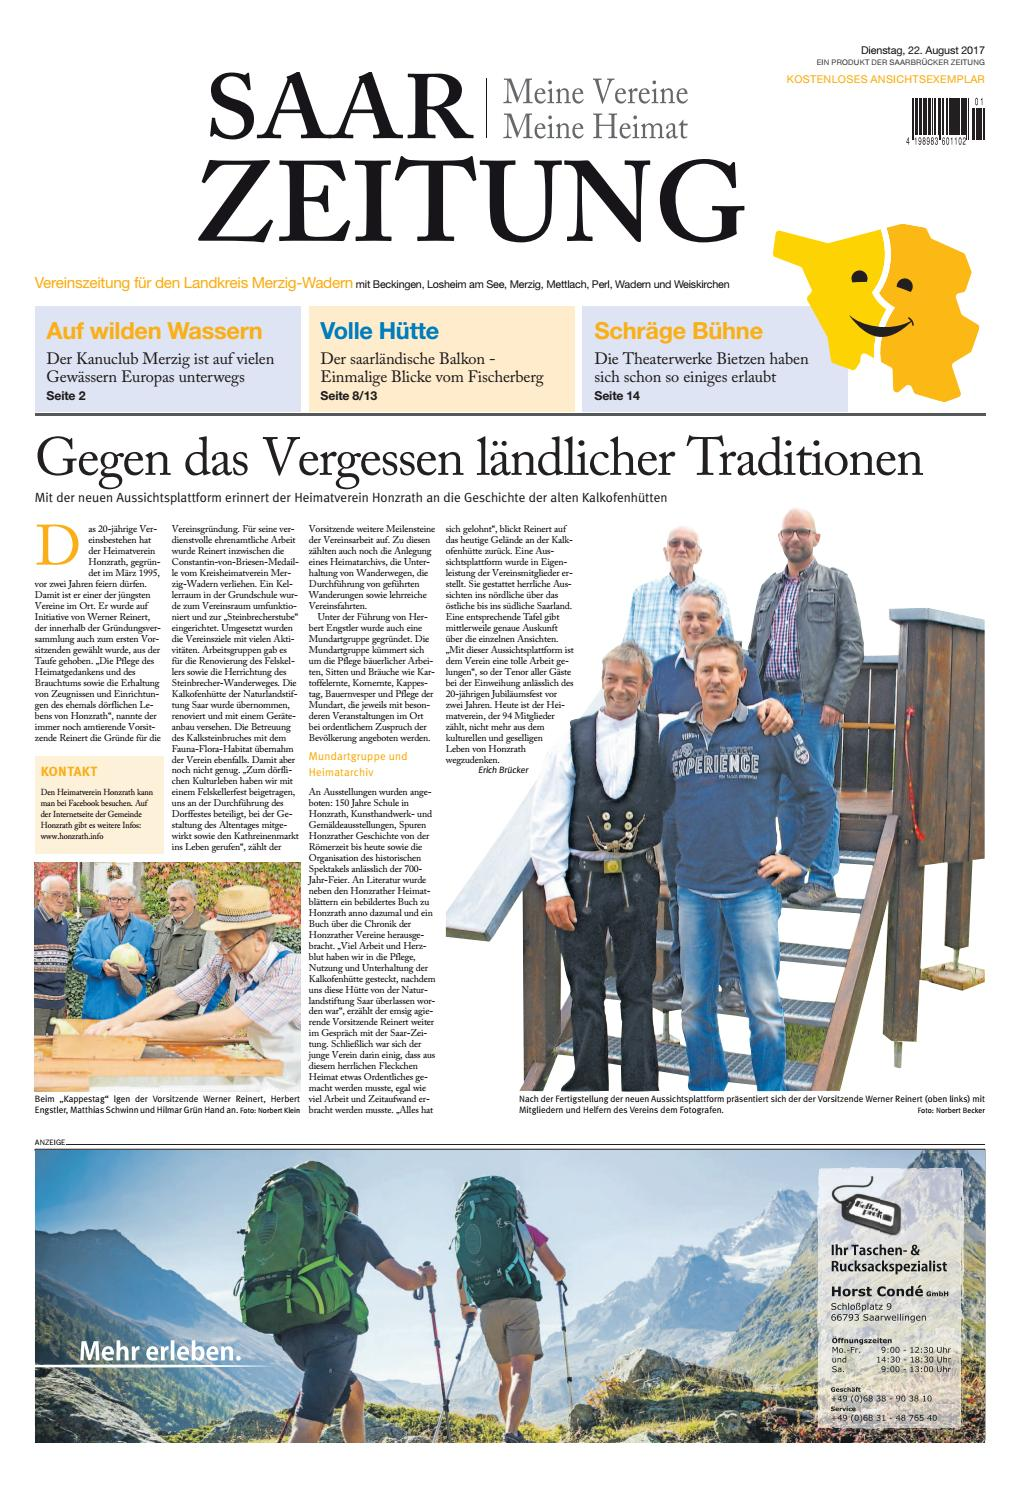 Gmbh By Merzig 2017 22 Wadern Verlagsservice 08 Issuu Saarbrücker dCroxeB